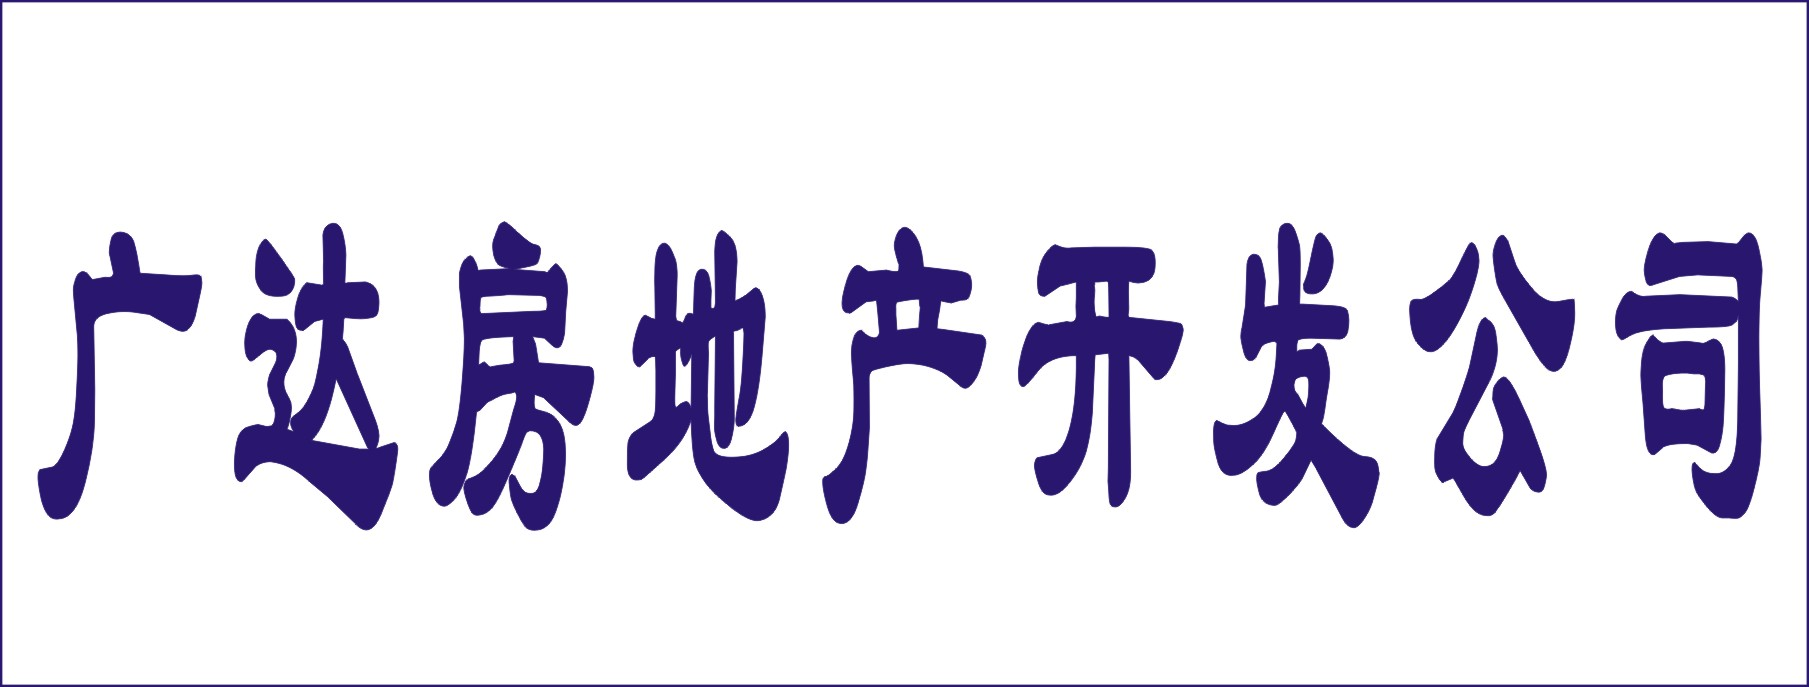 邵阳市广达房地产开发有限公司-城步招聘